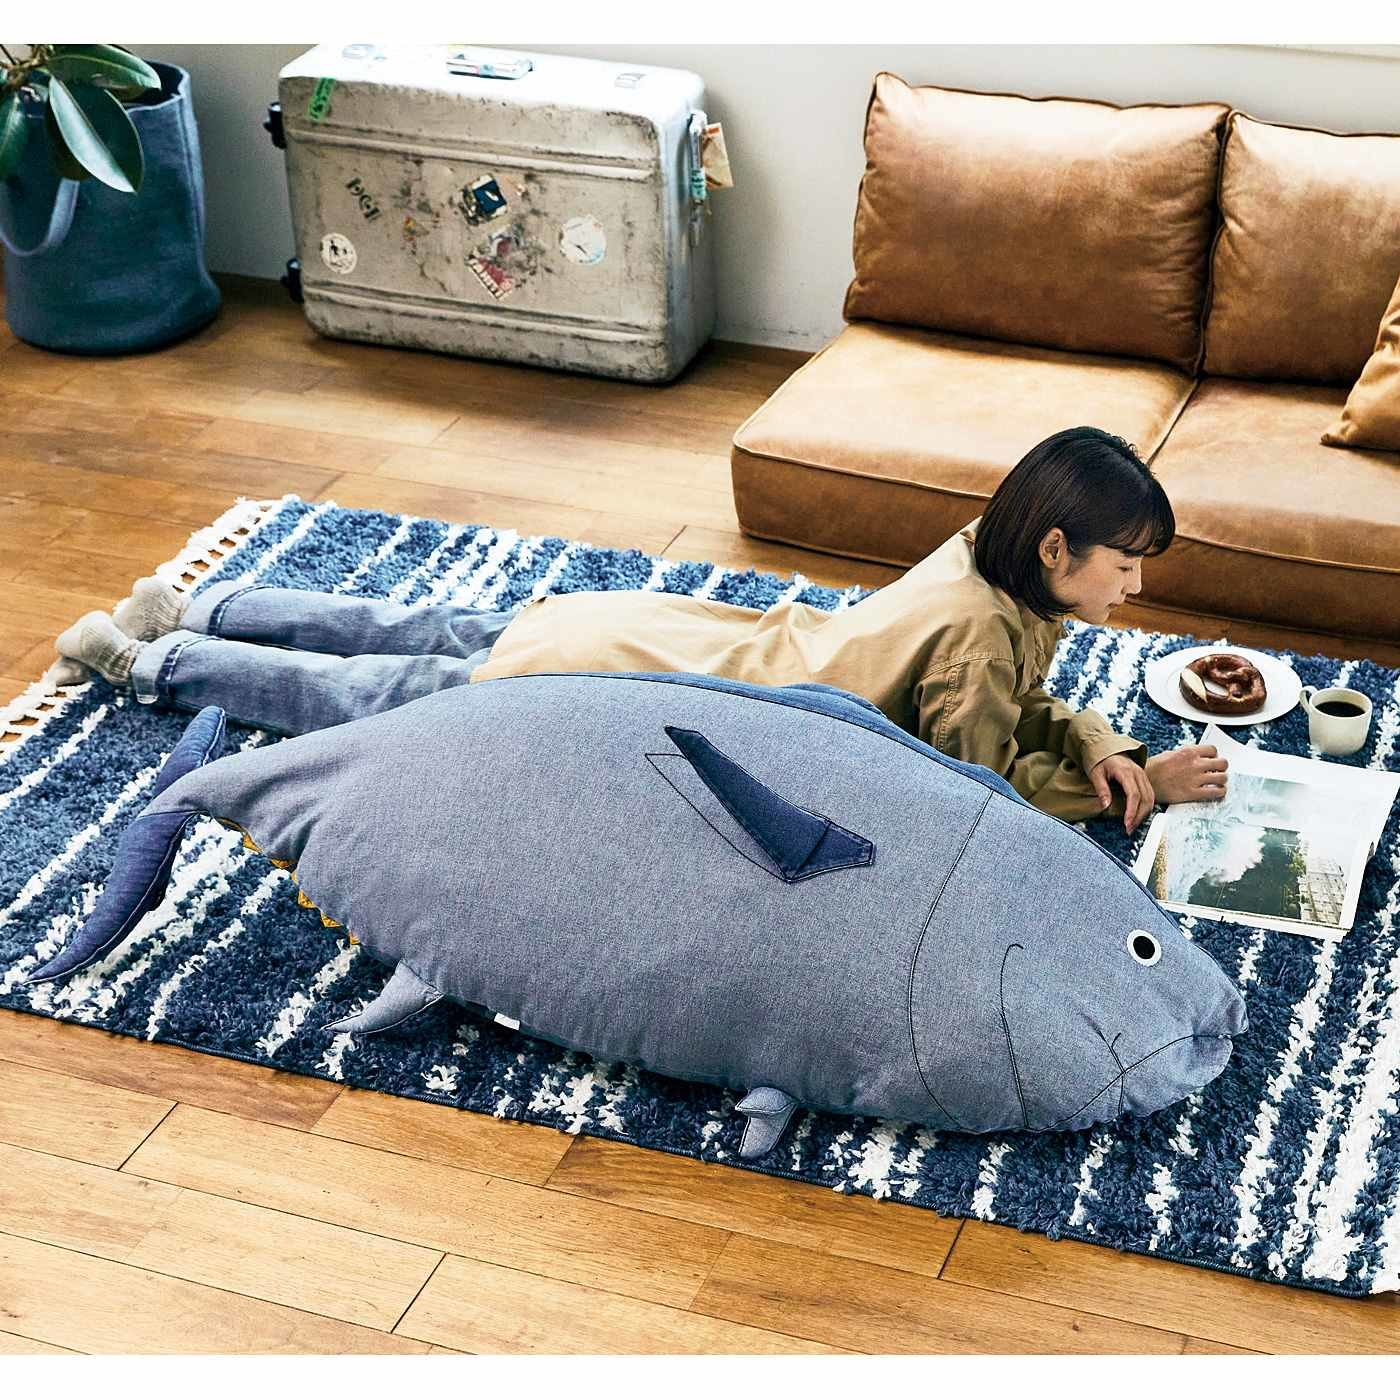 近畿大学水産研究所監修 成長3年目サイズ! デニムで作った近大マグロの布団収納クッションカバー〈メス・オーシャンライトブルー〉